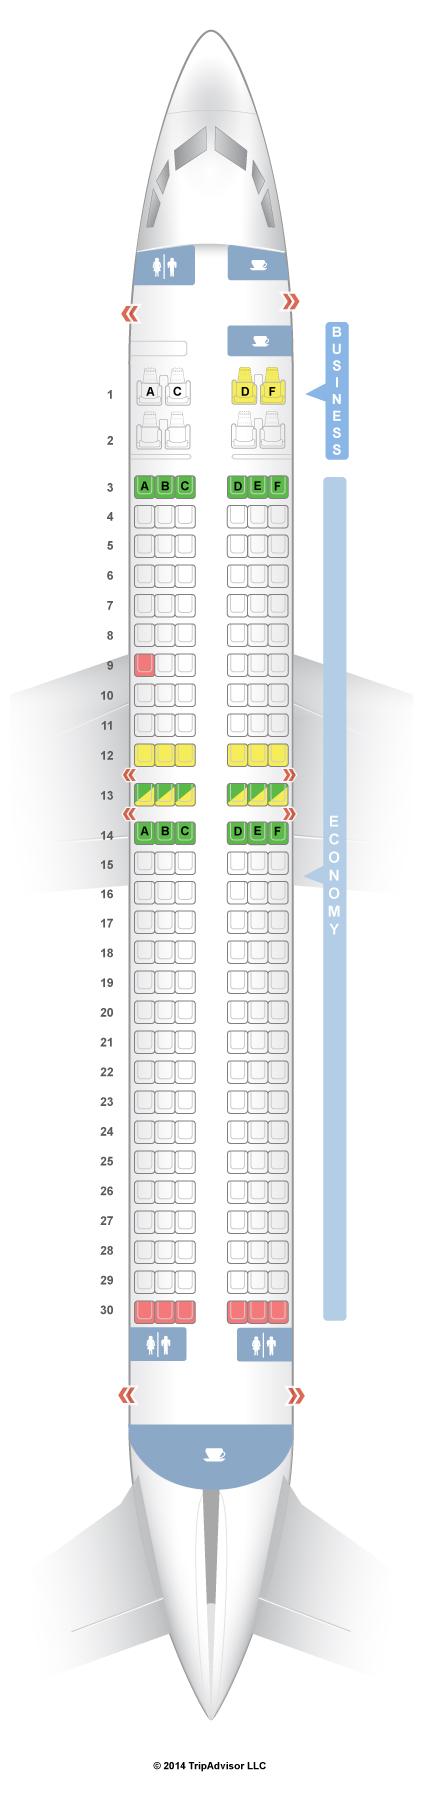 Virgin_Australia_Boeing_737-800_Business.jpg